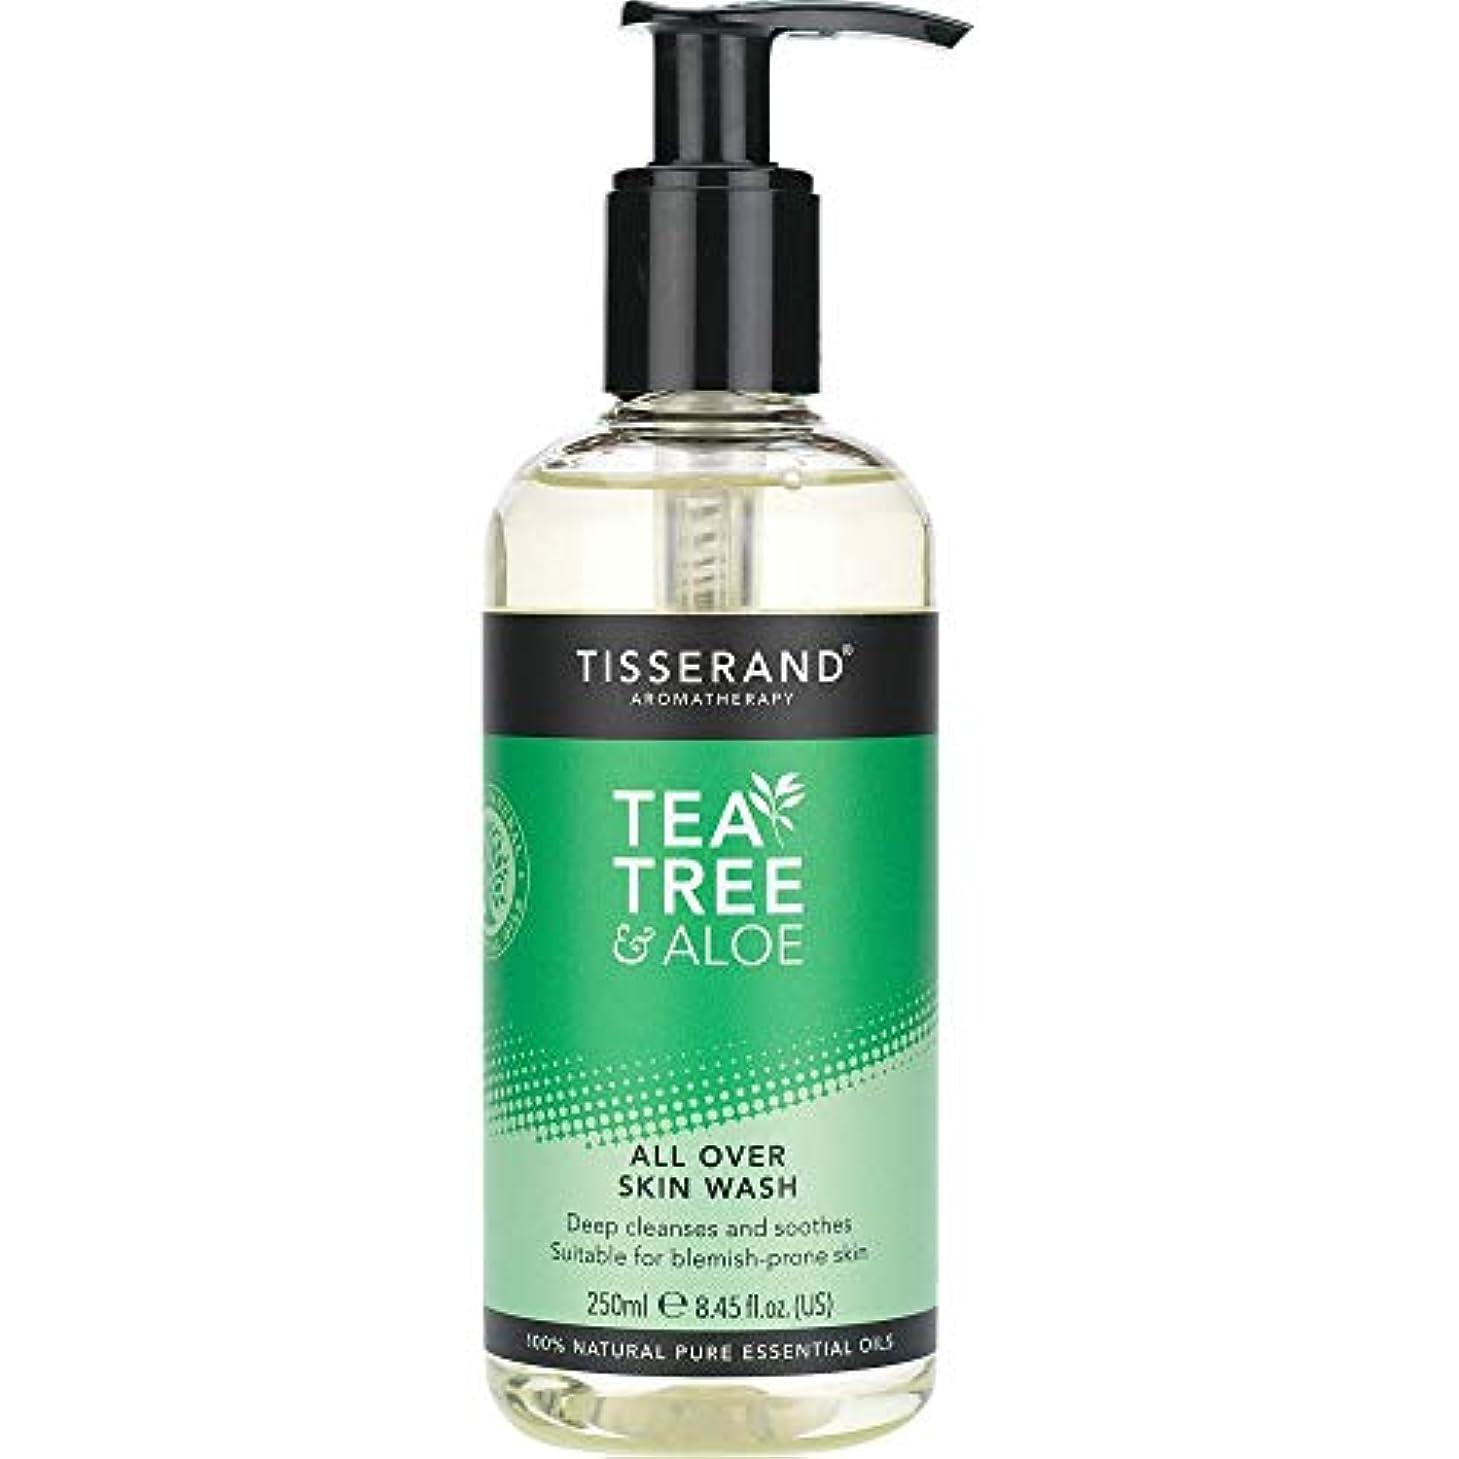 アラブサラボ太鼓腹葉を拾う[Tisserand] すべての肌ウォッシュ250ミリリットルを超えるティスランドティーツリー&アロエ - Tisserand Tea Tree & Aloe All Over Skin Wash 250ml [並行輸入品]